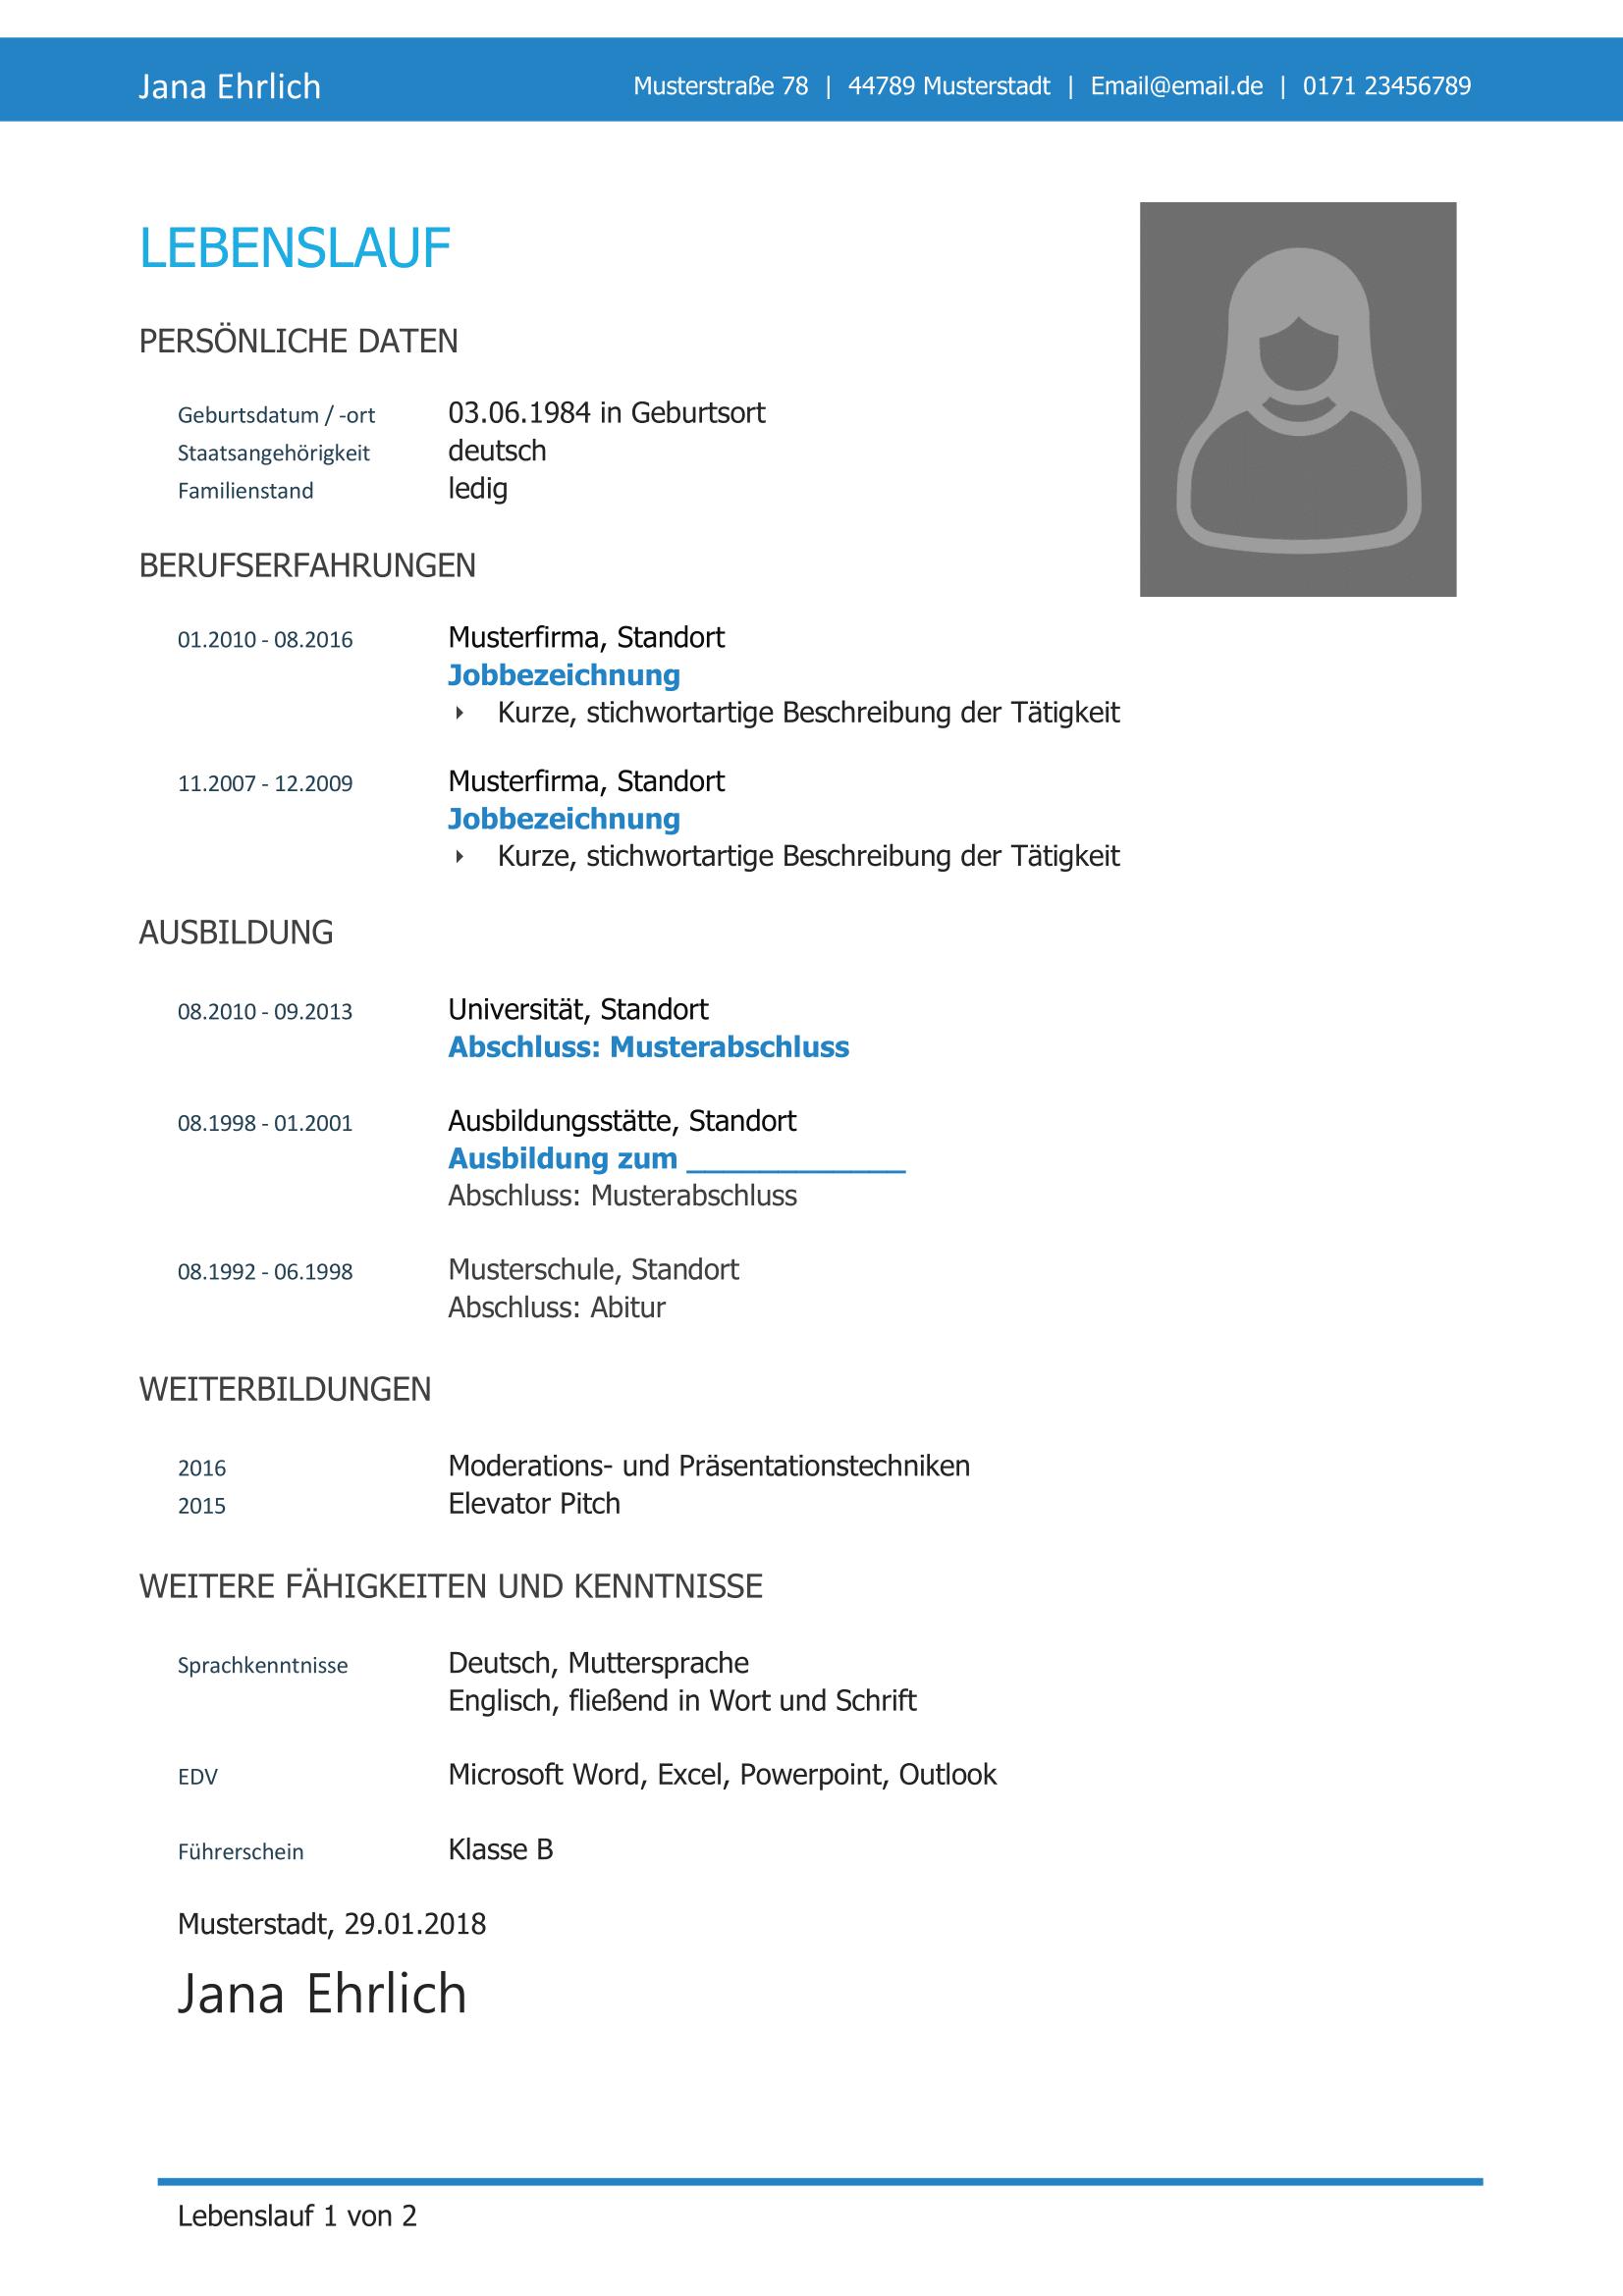 Einzigartig Vorlage Lebenslauf 2016 Briefprobe Briefformat Briefvorlage Lebenslauf Tipps Vorlagen Lebenslauf Lebenslauf